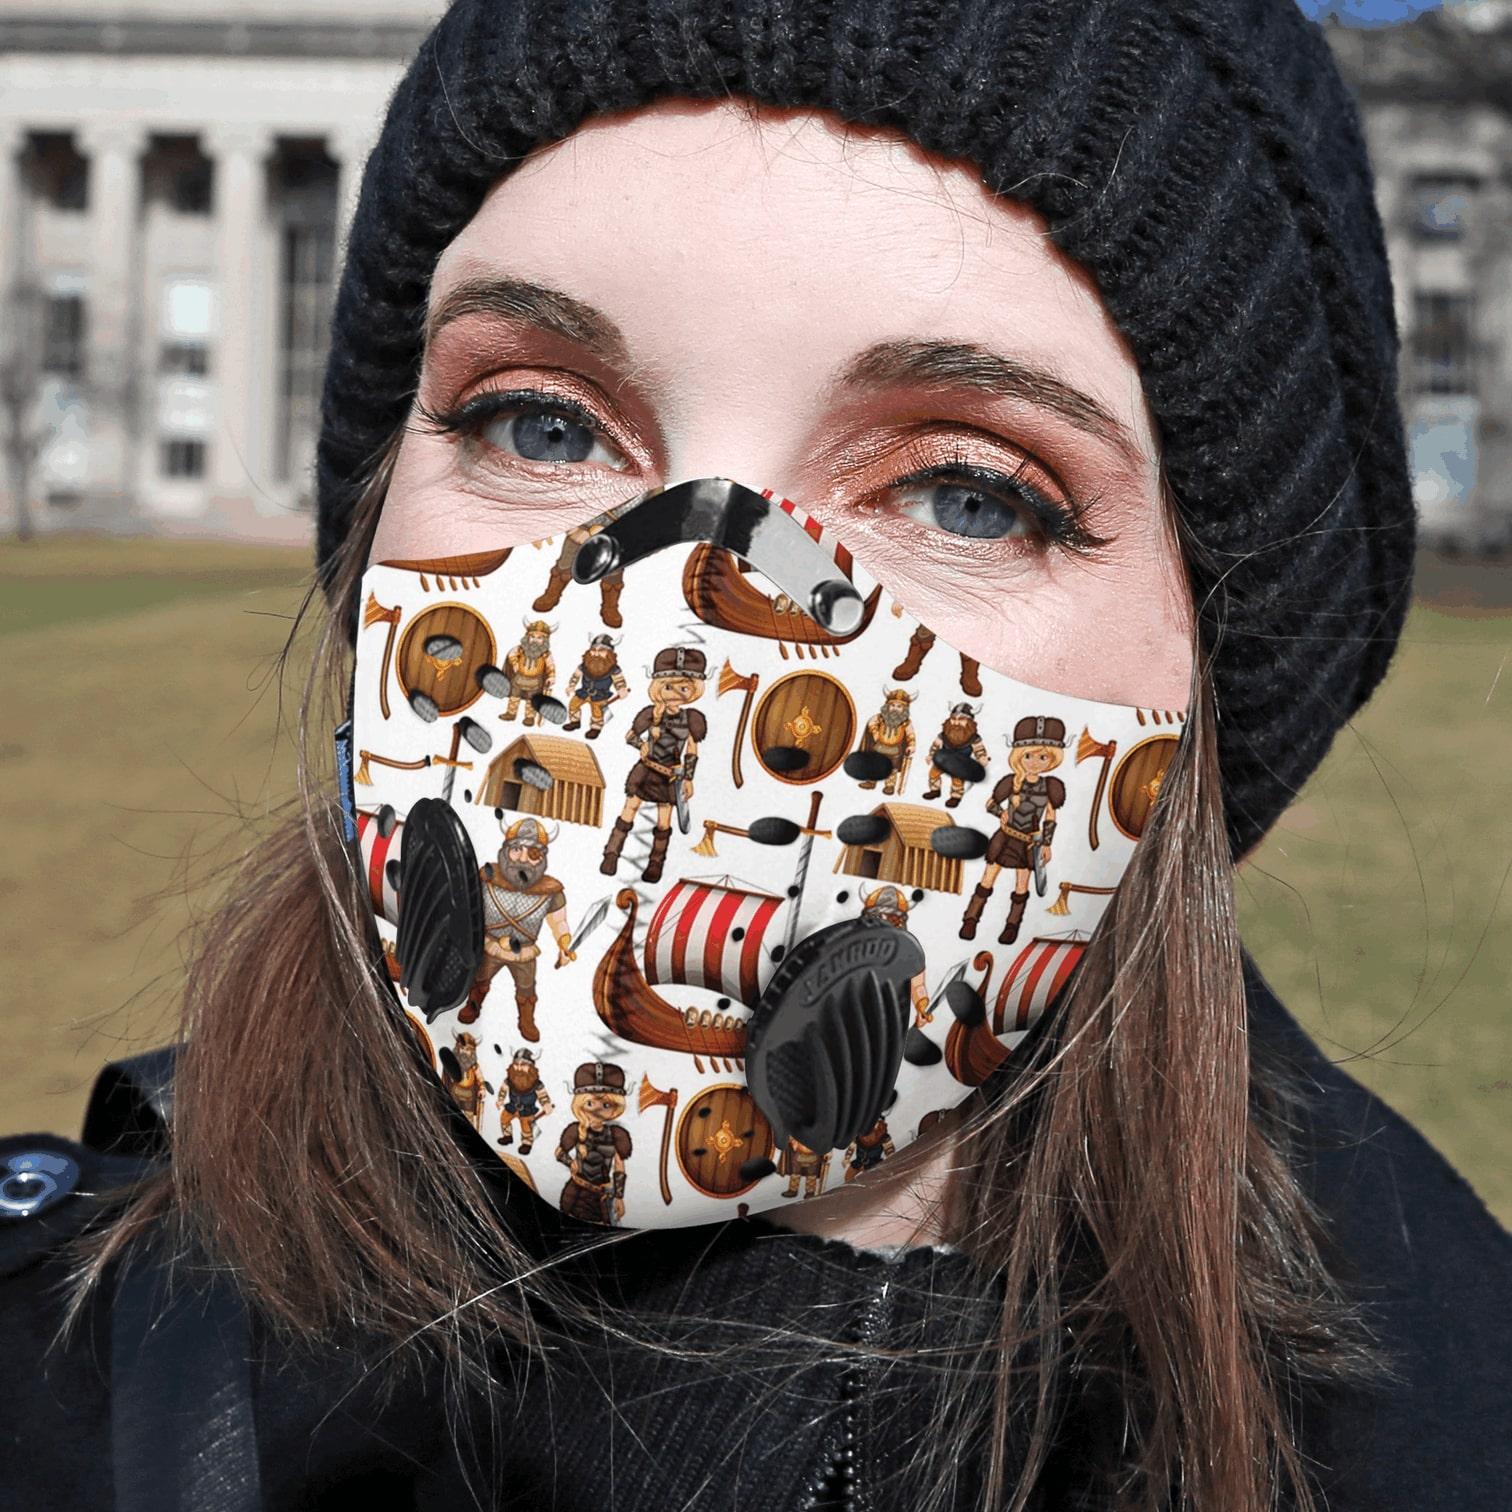 Viking carbon pm 2,5 face mask 1